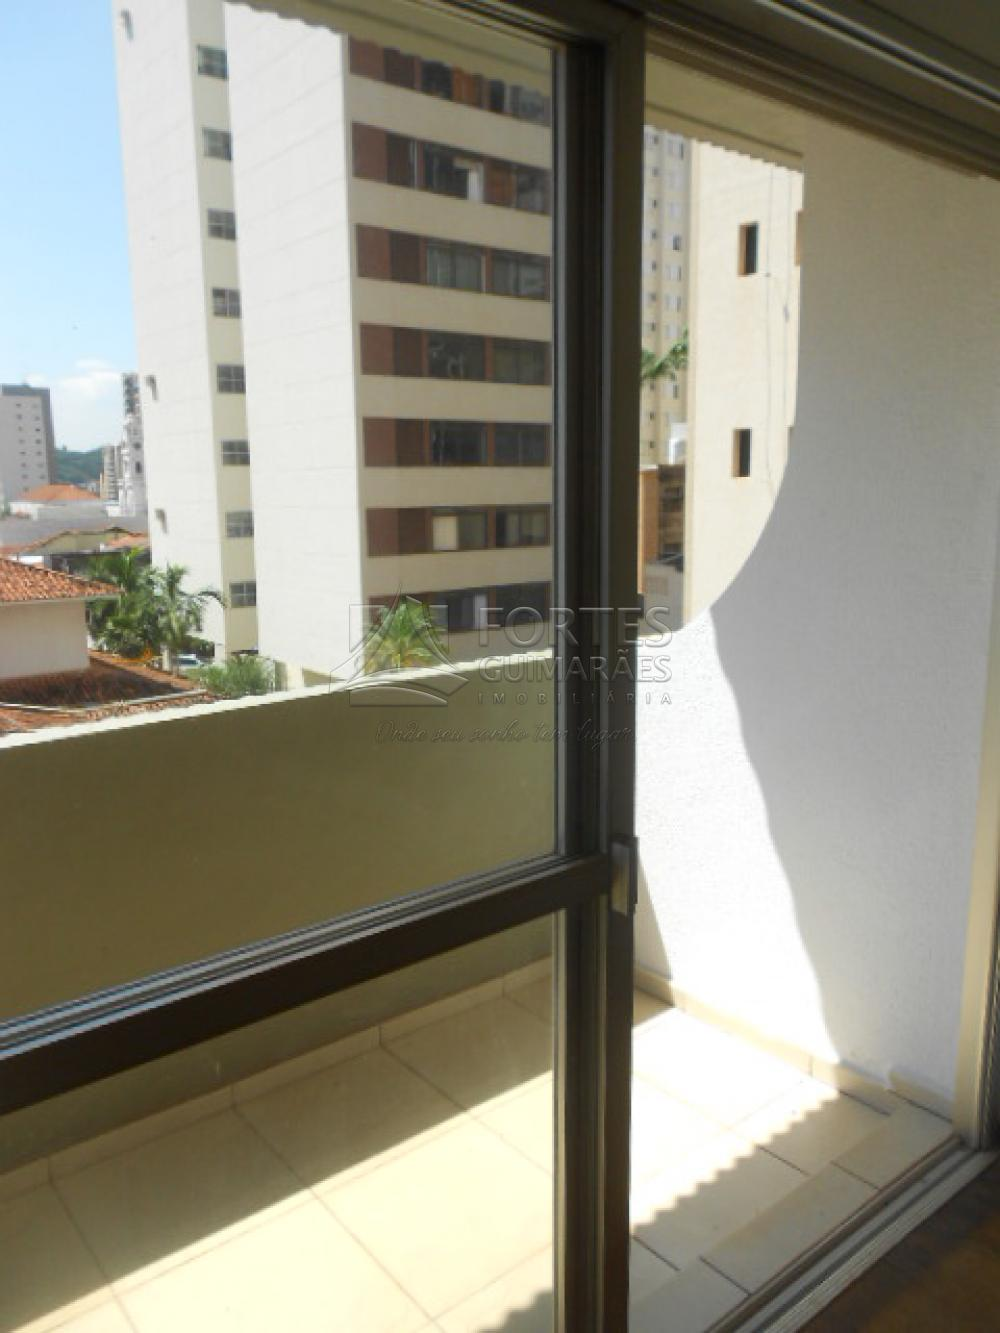 Alugar Apartamentos / Padrão em Ribeirão Preto apenas R$ 750,00 - Foto 7